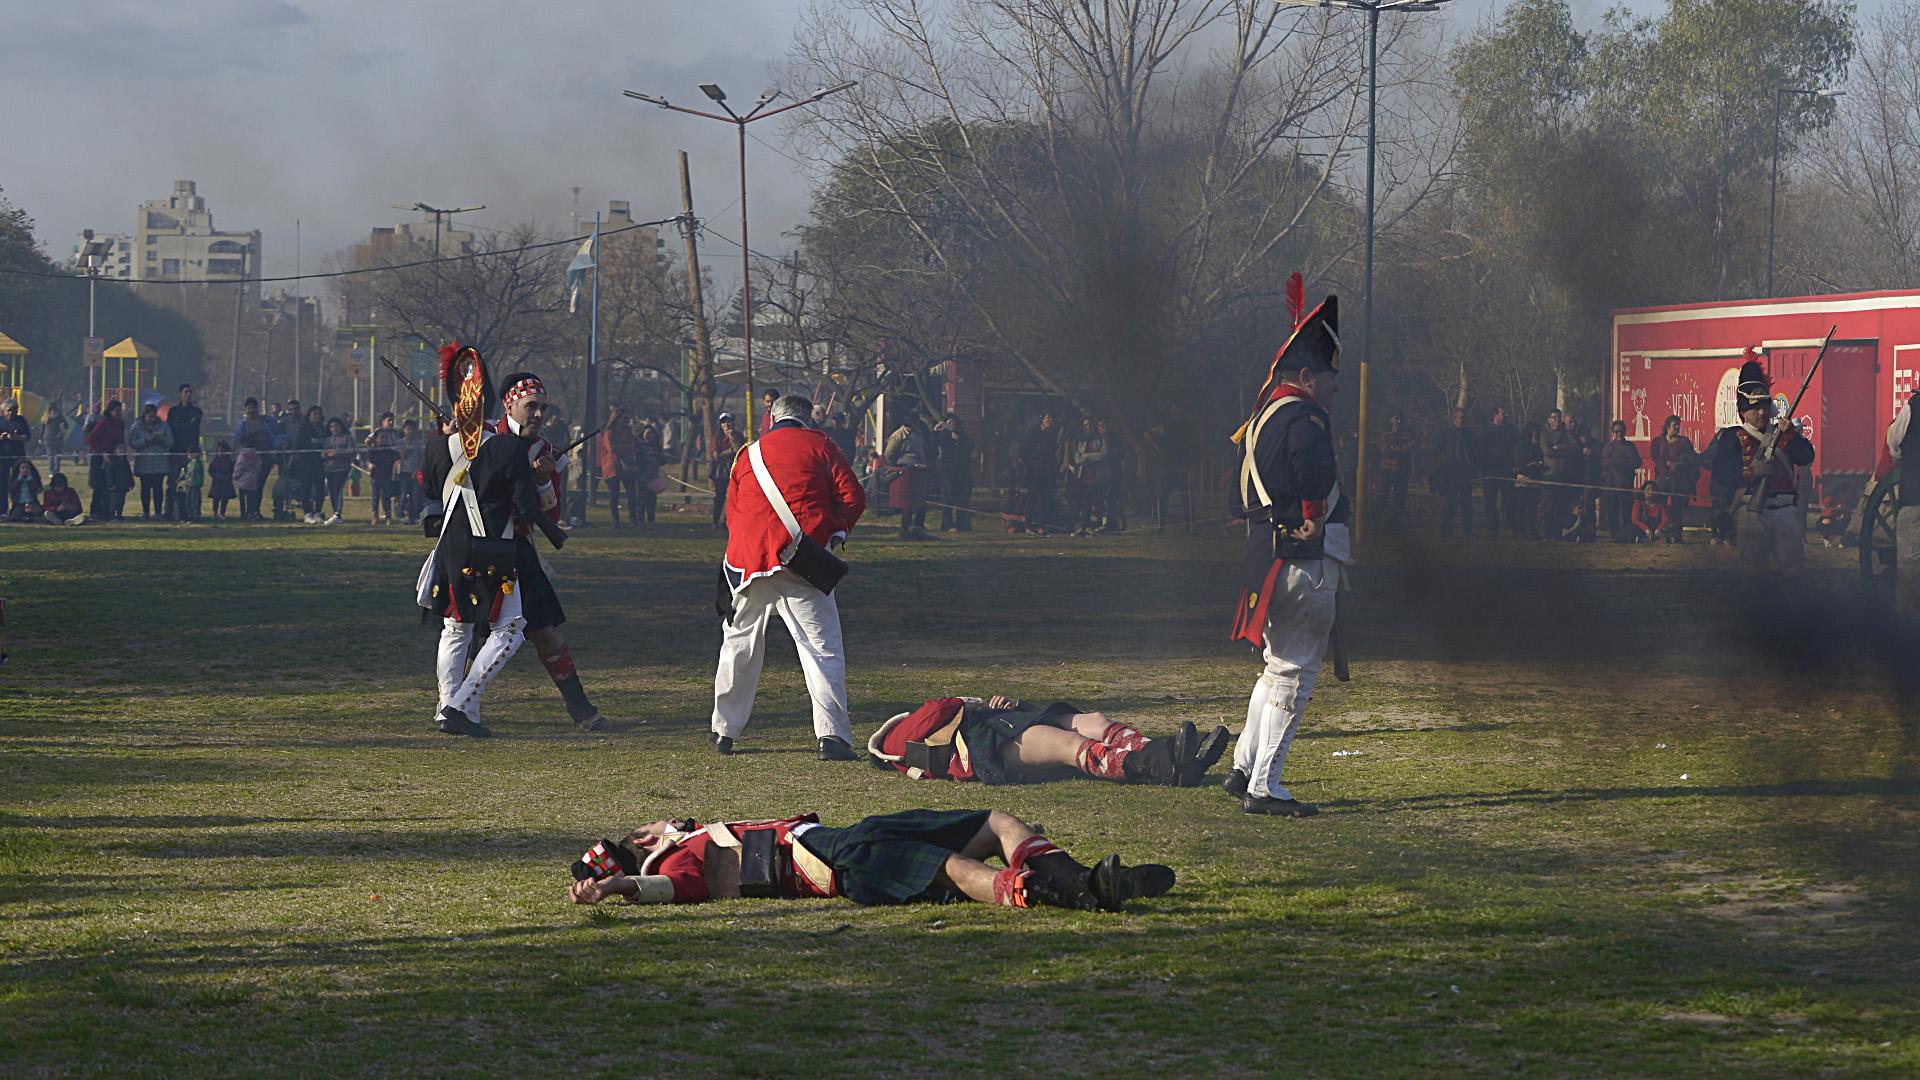 La batalla entre aliados e ingleses se vivió con intensidad